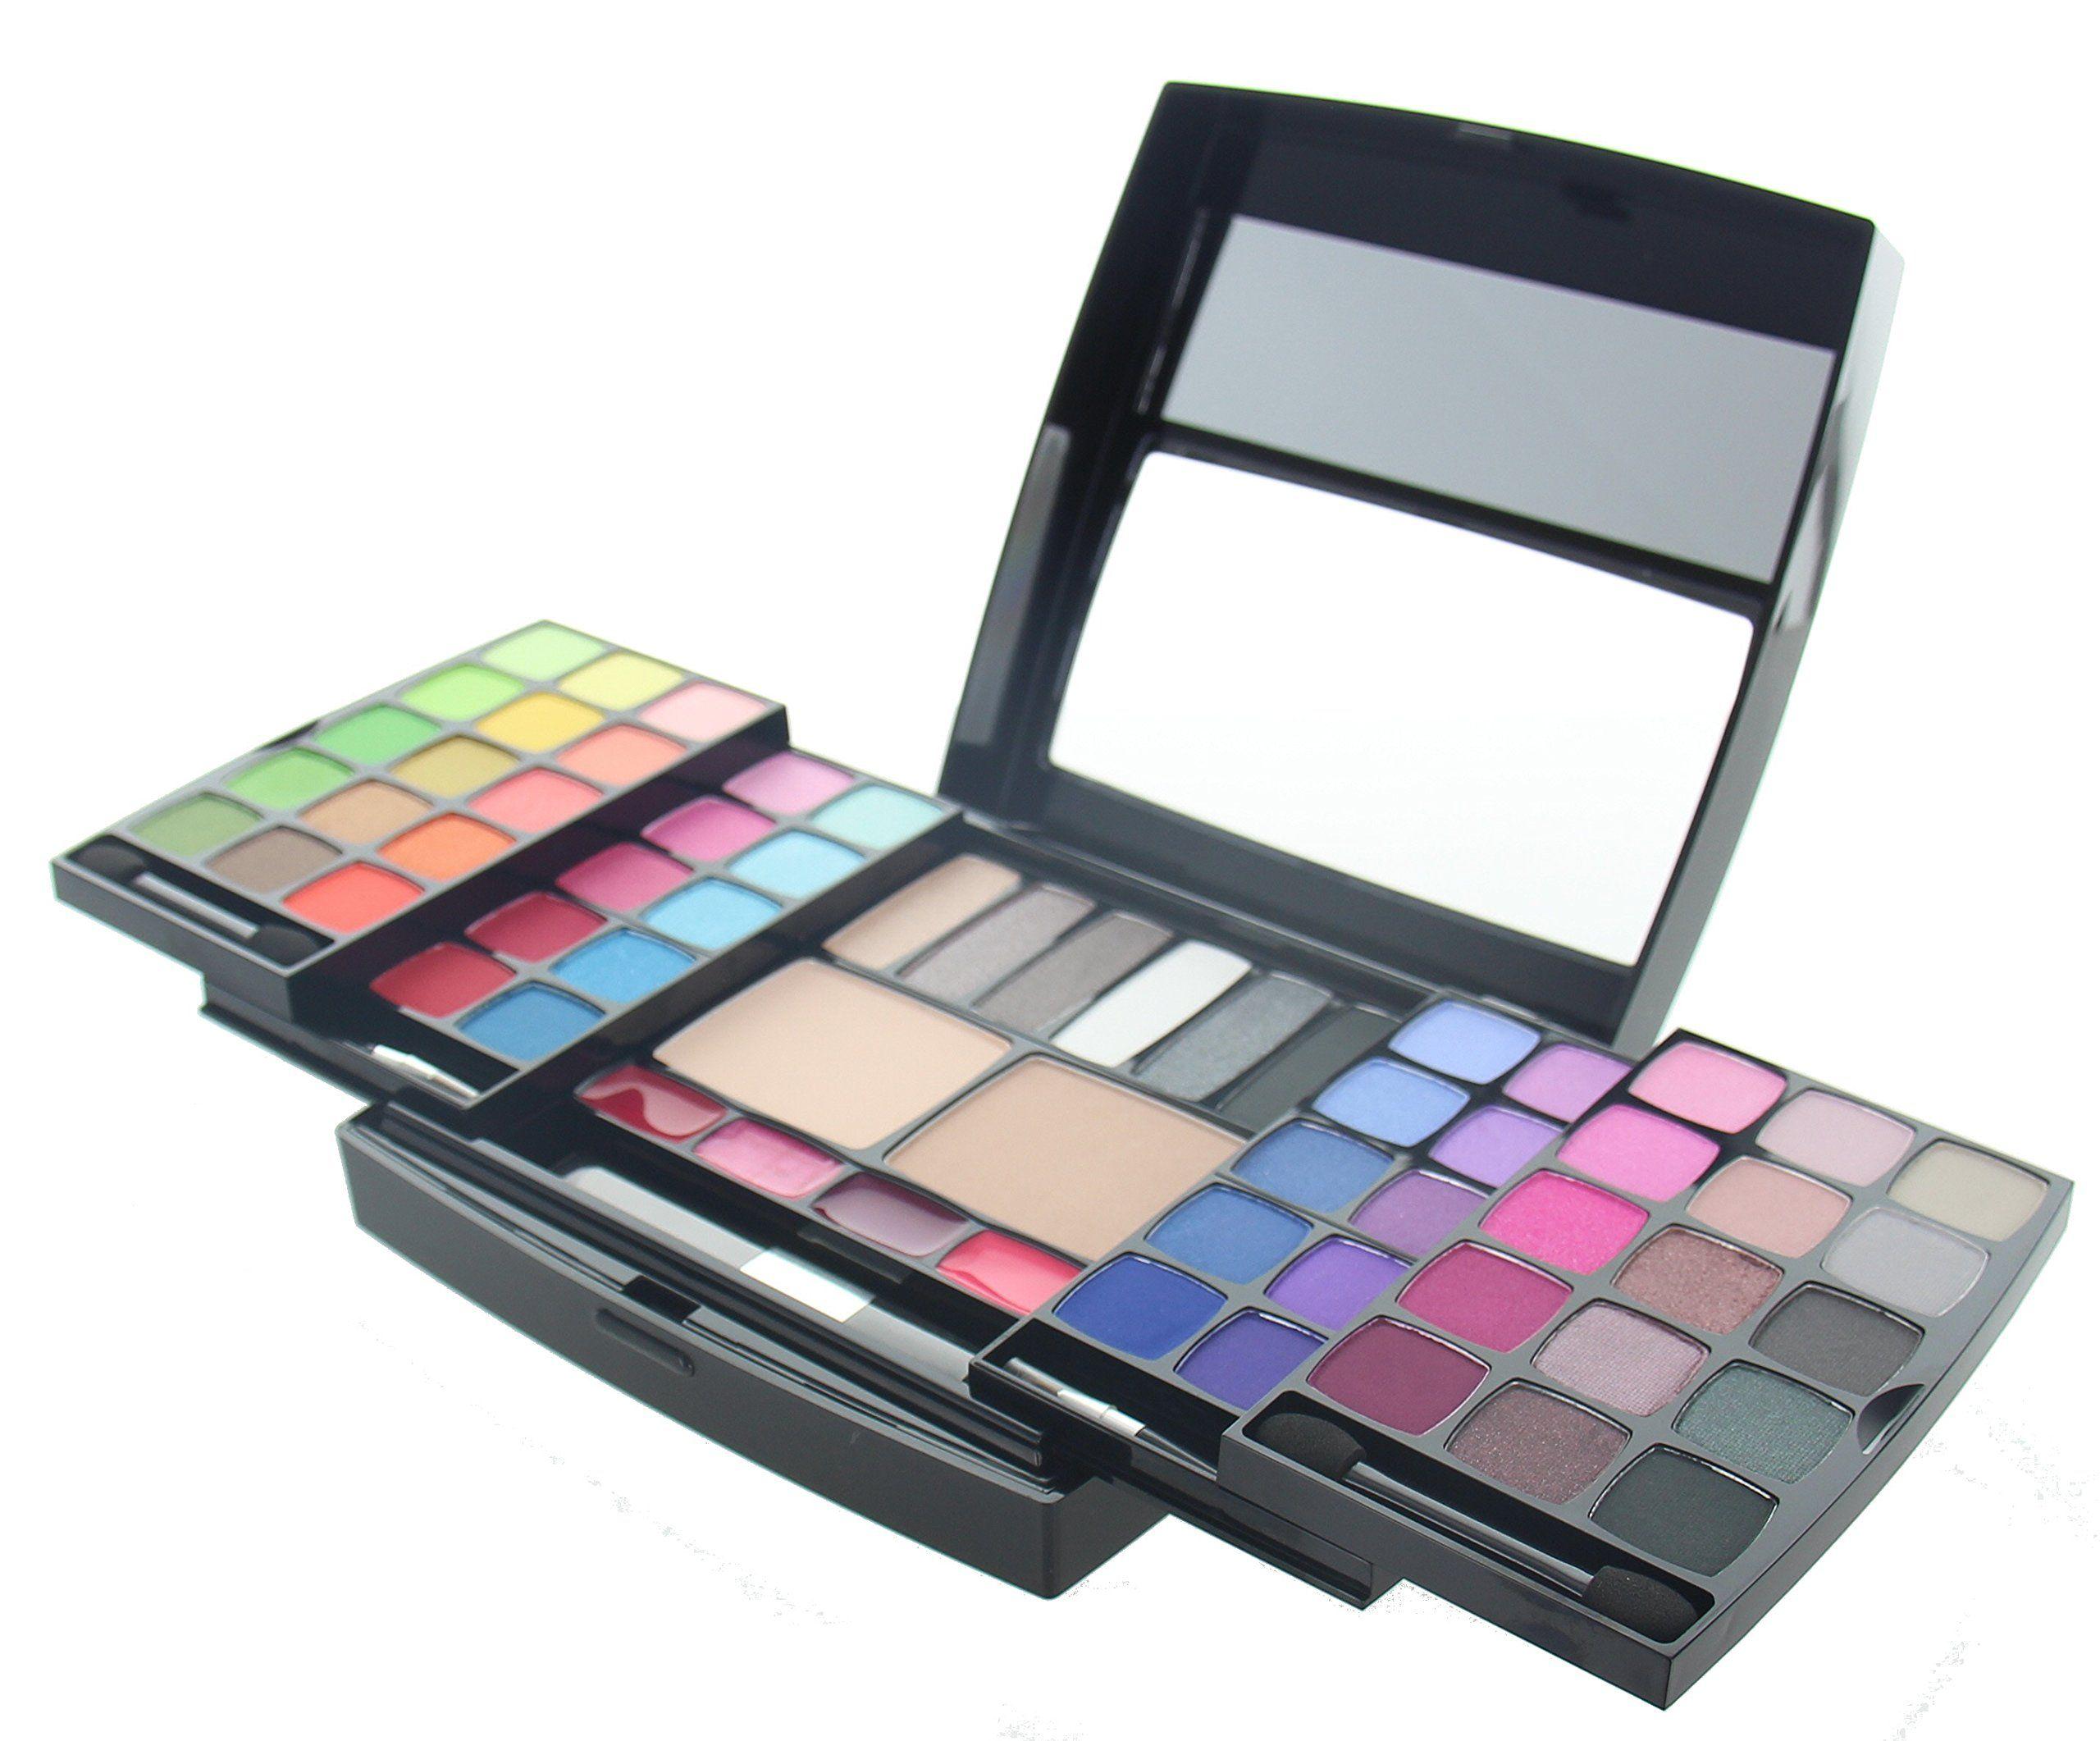 BR Beauty Revolution Complete Make Over Makeup Artist Kit